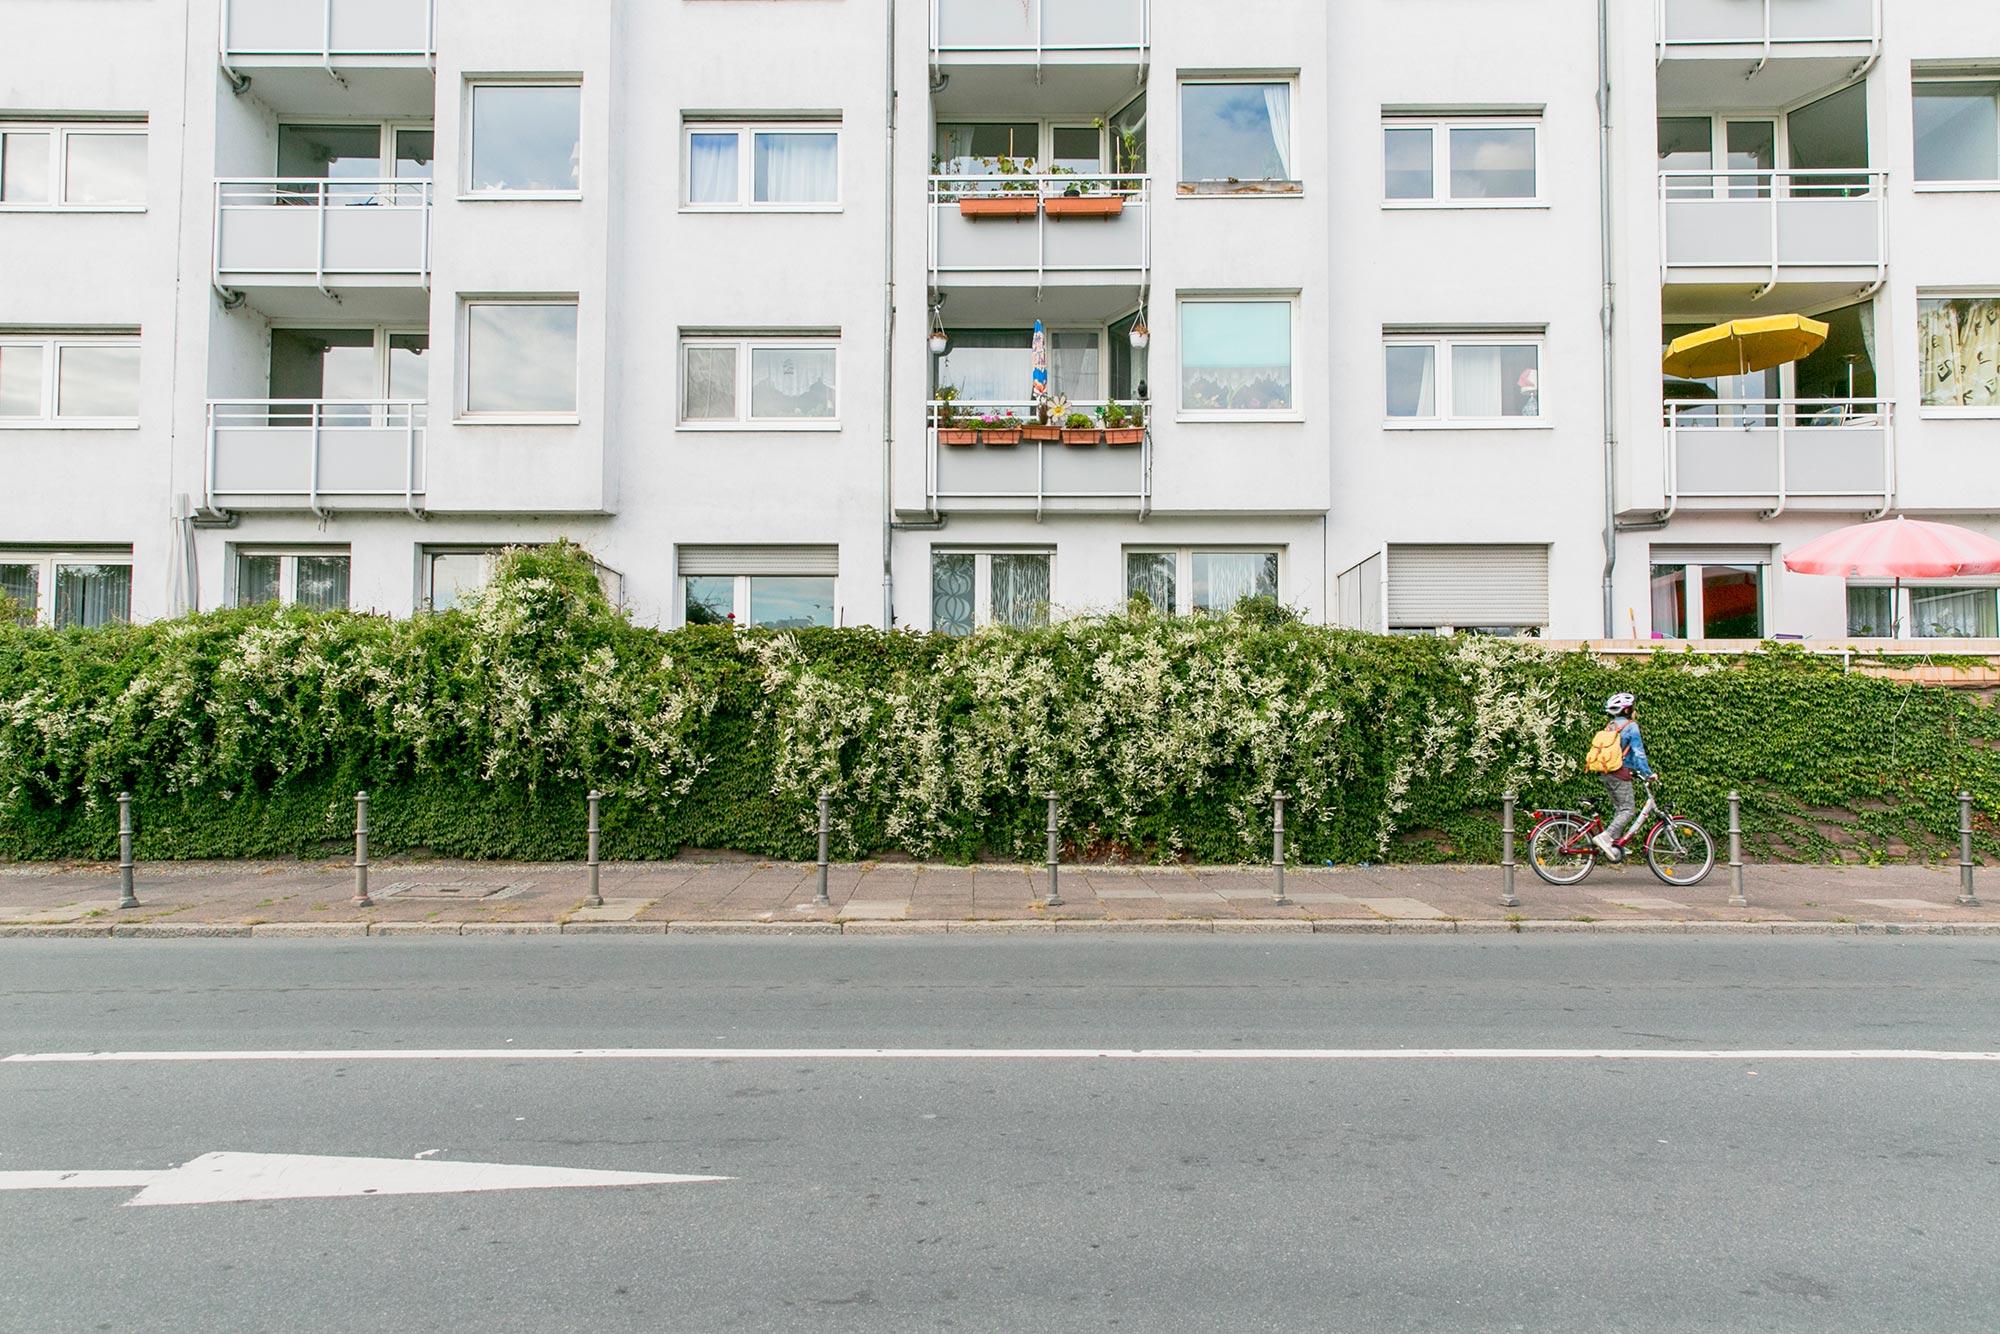 kid biking on frankfurt's street